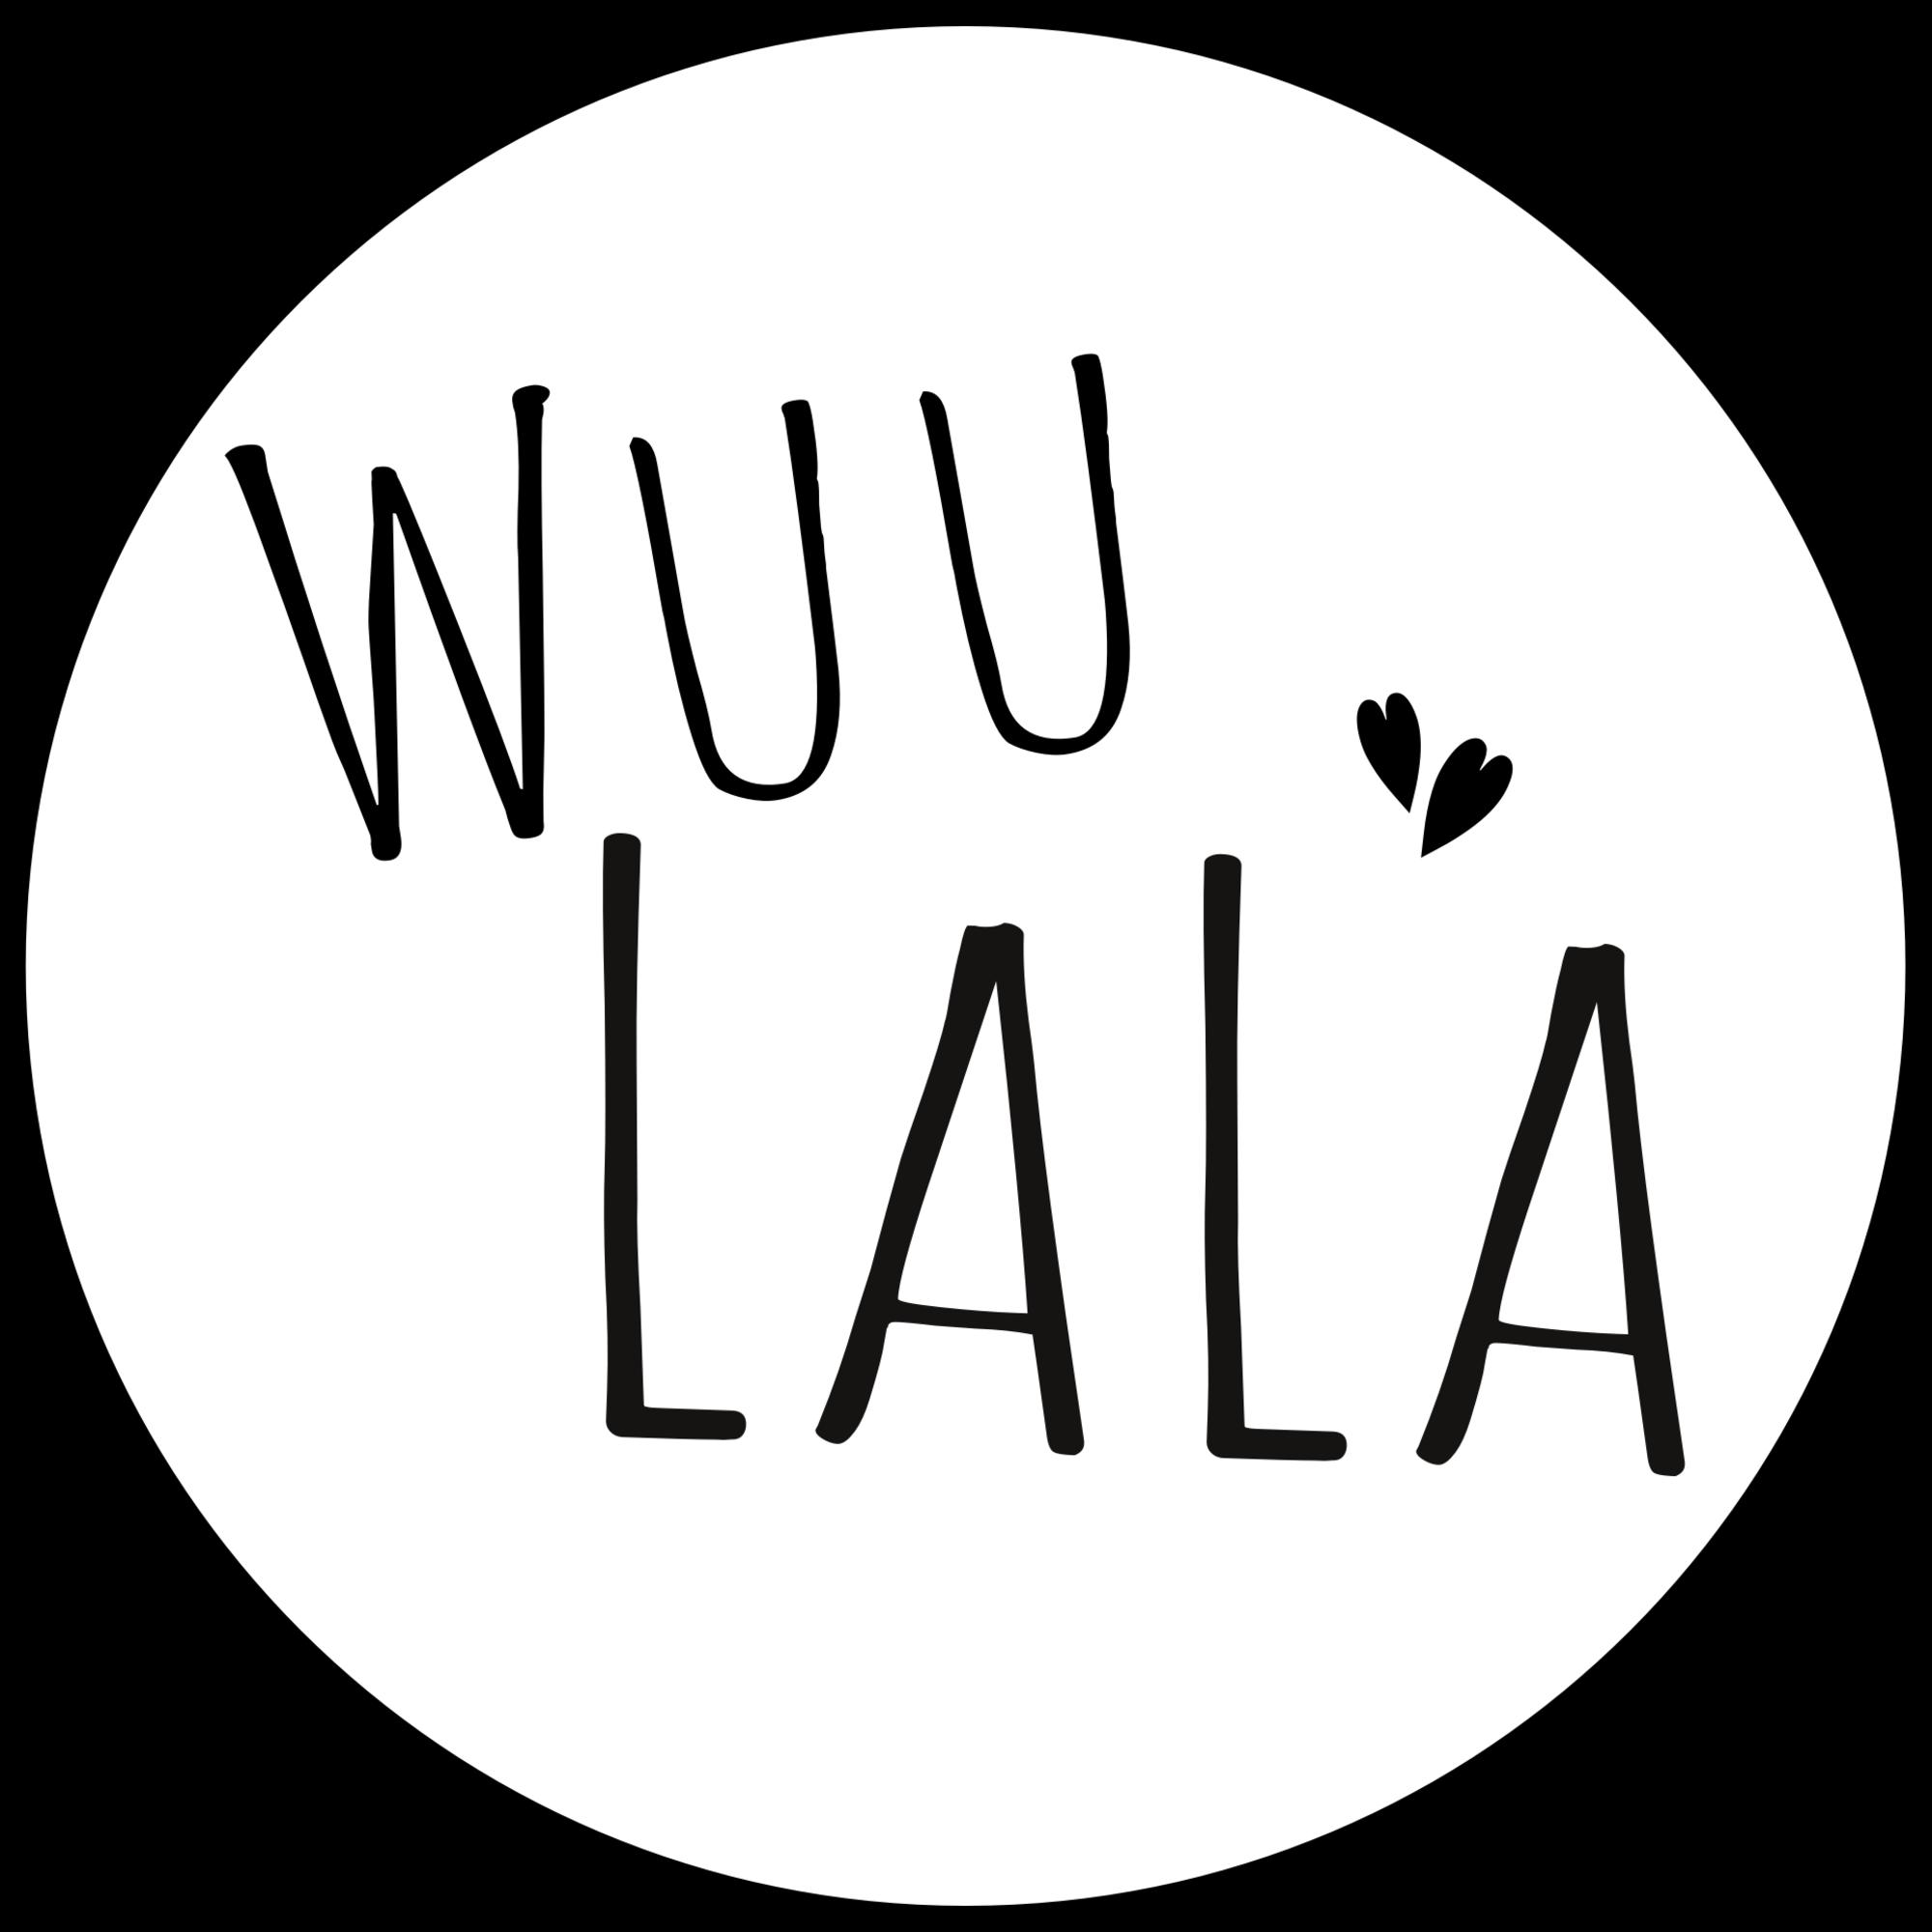 Wuu LaLa